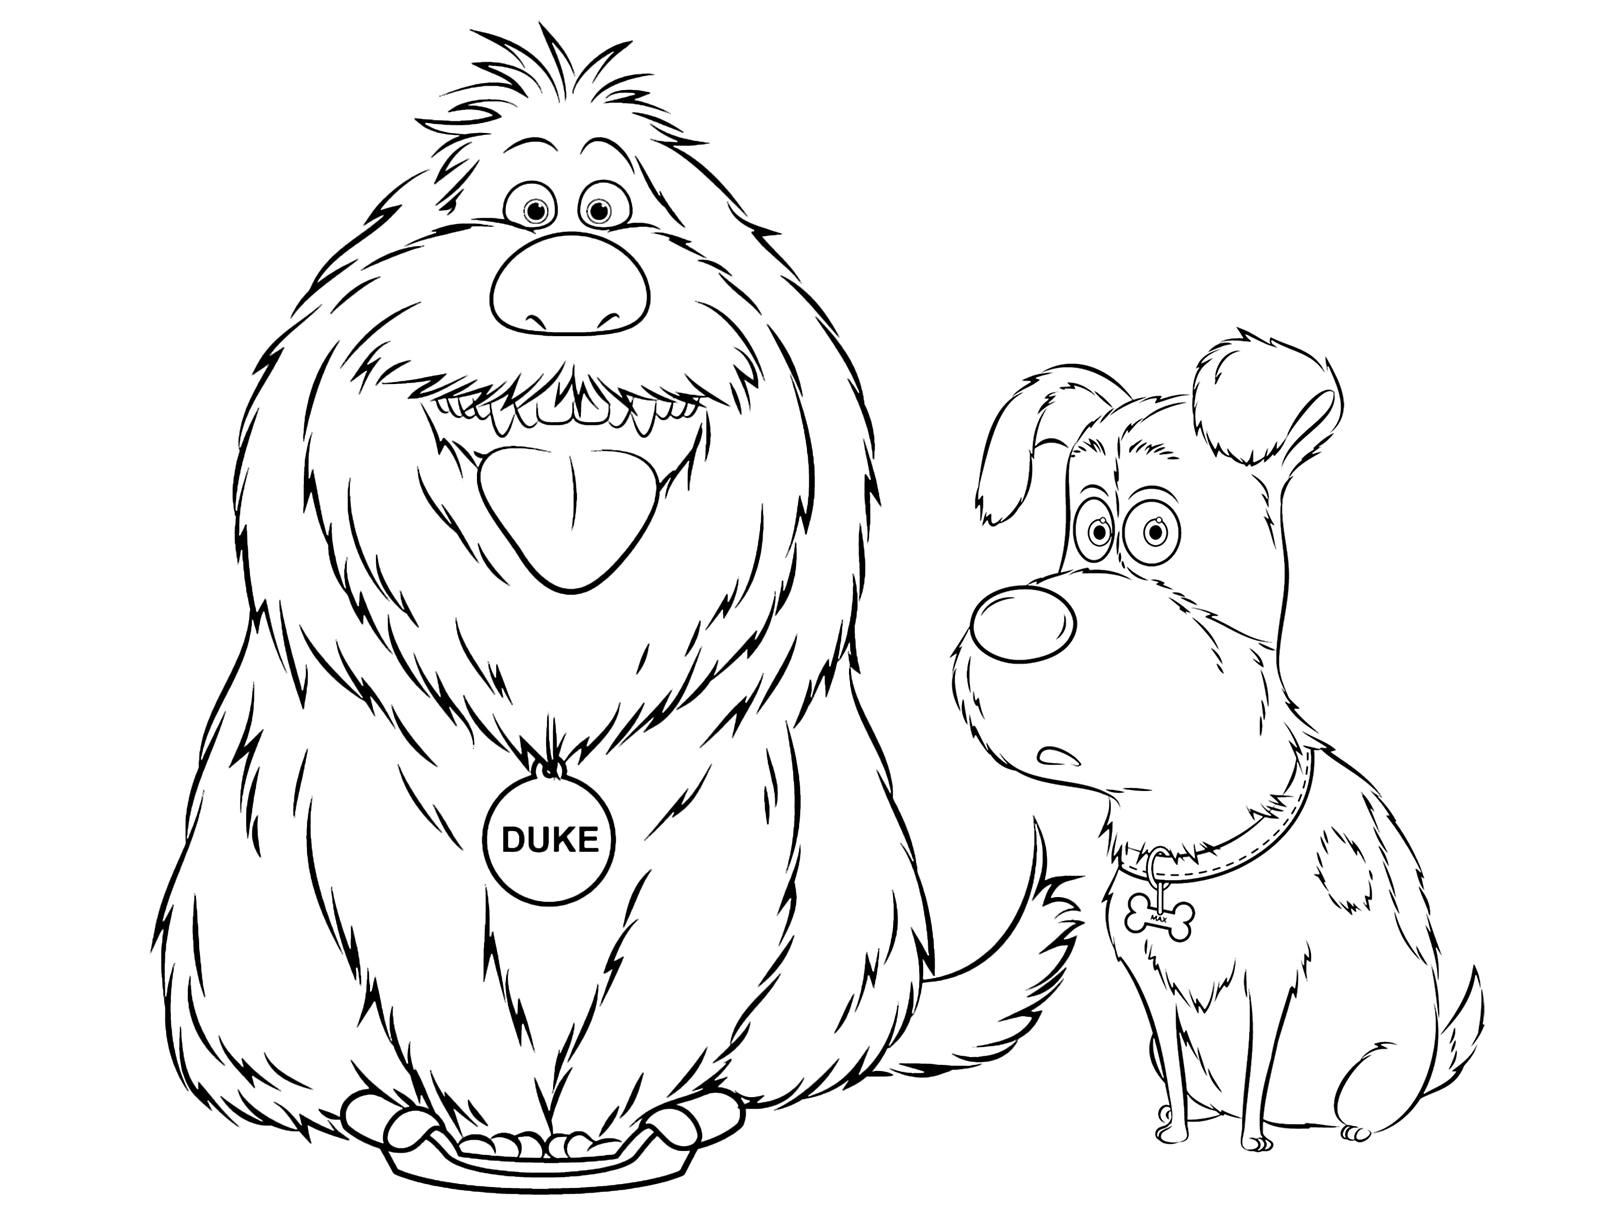 Disegni di pets vita da animali da colorare - Immagini di animali da stampare gratuitamente ...